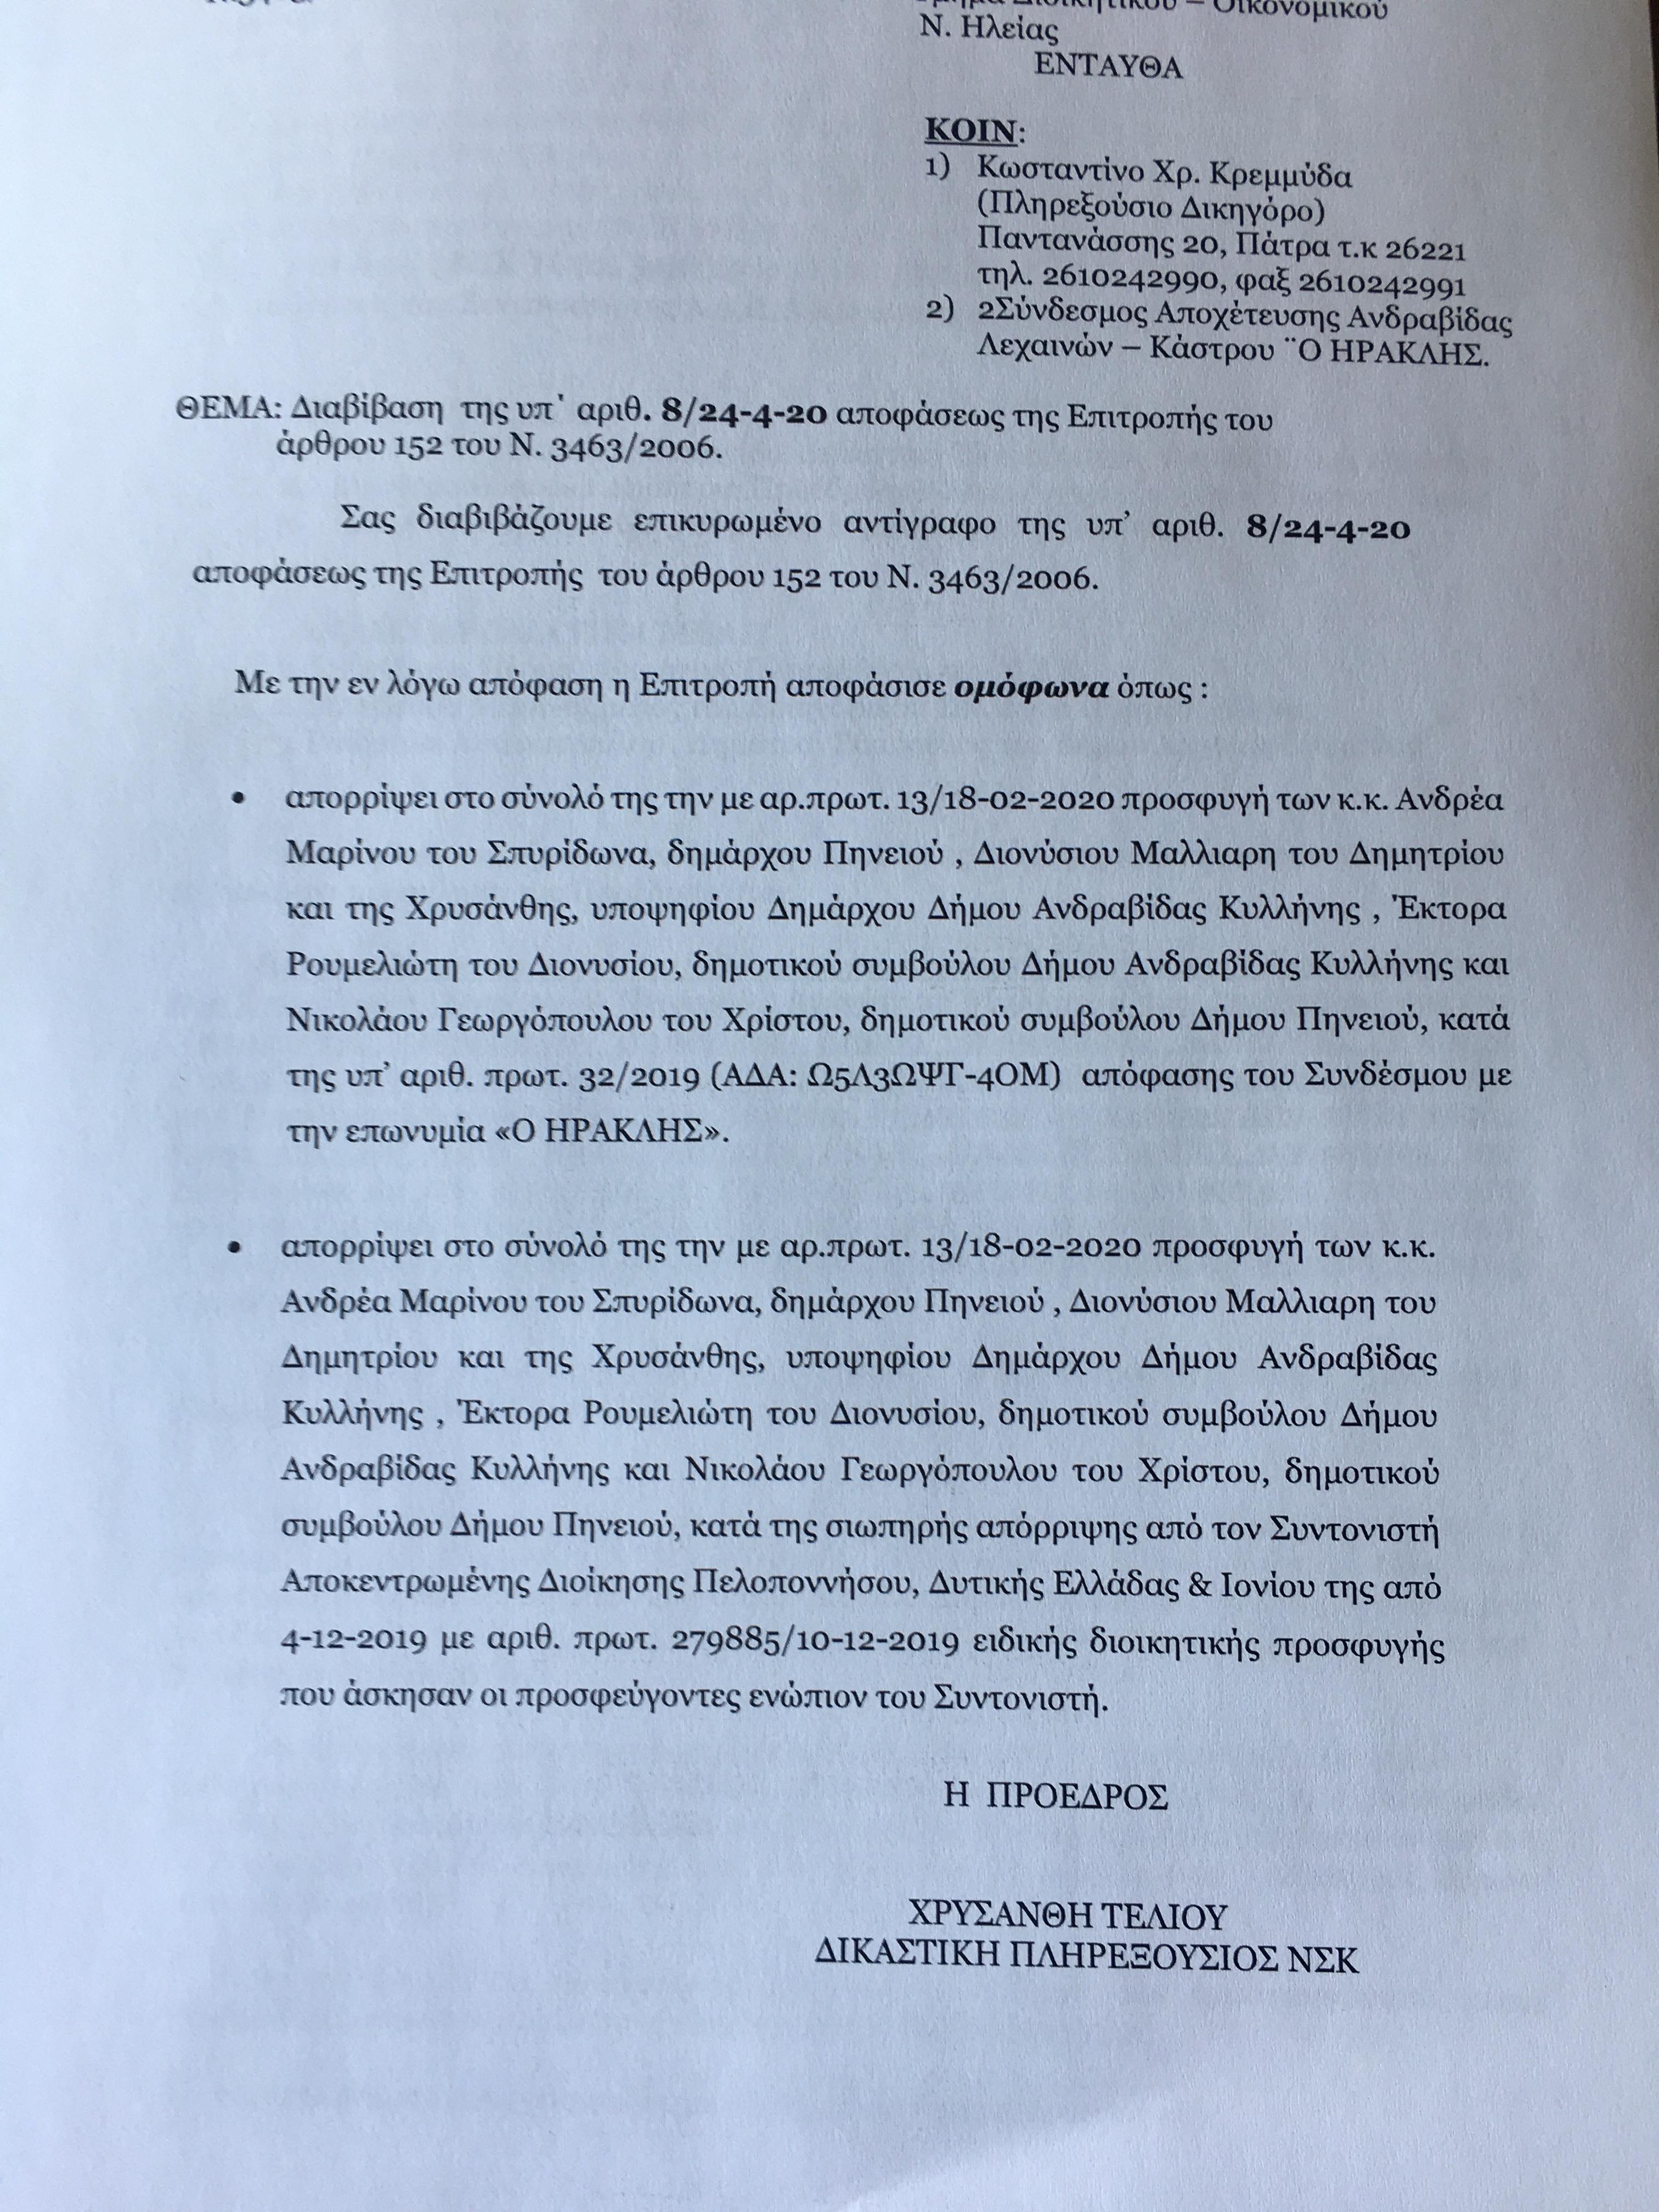 Δήλωση Δημάρχου Ανδραβίδας-Κυλλήνης- Δικαίωση Γ. Λέντζα για τον σύνδεσμο «Ηρακλής» - Απορρίφθηκε η ένσταση Μαρίνου - Μάλιαρη